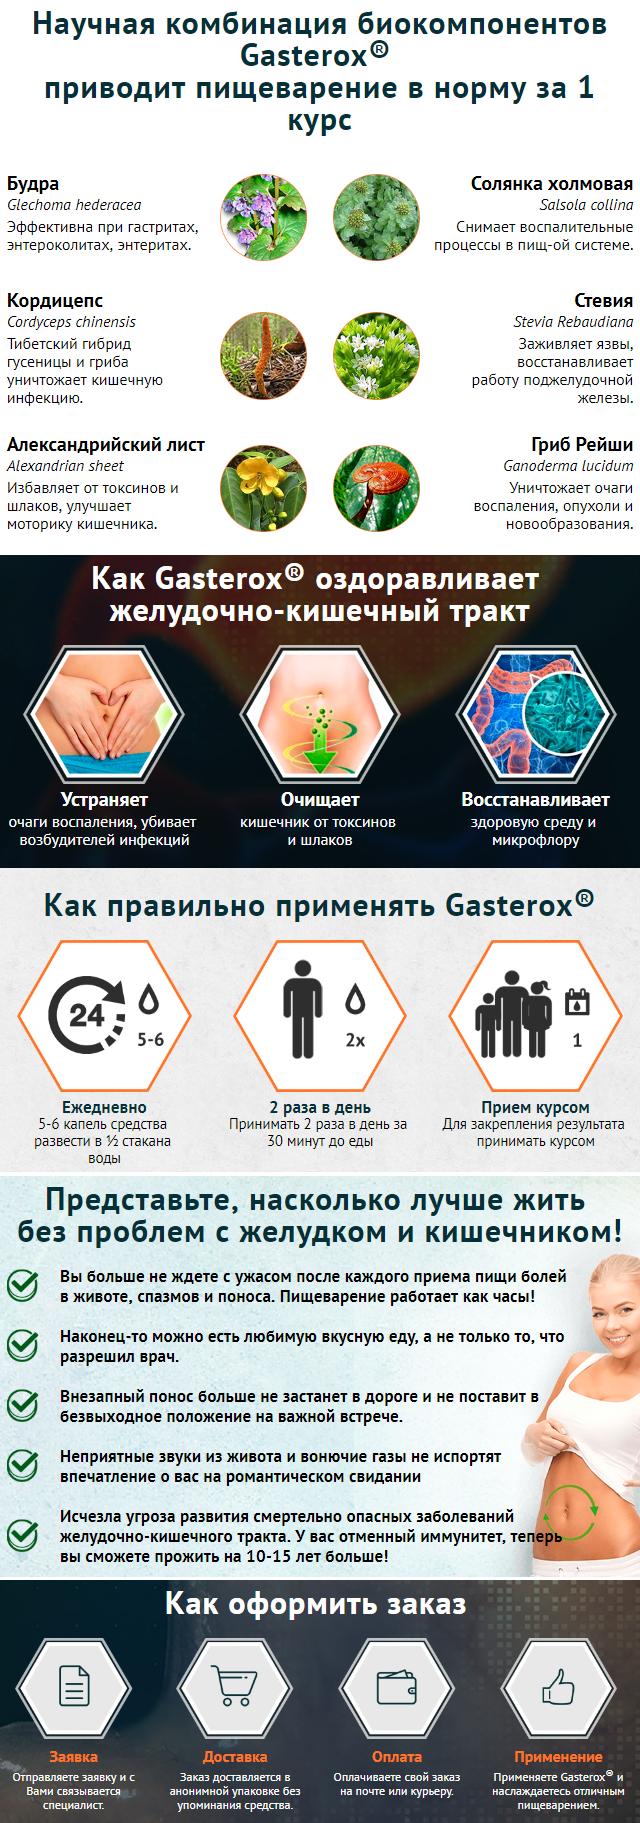 Gasterox от болезней живота и кишечника в Семее